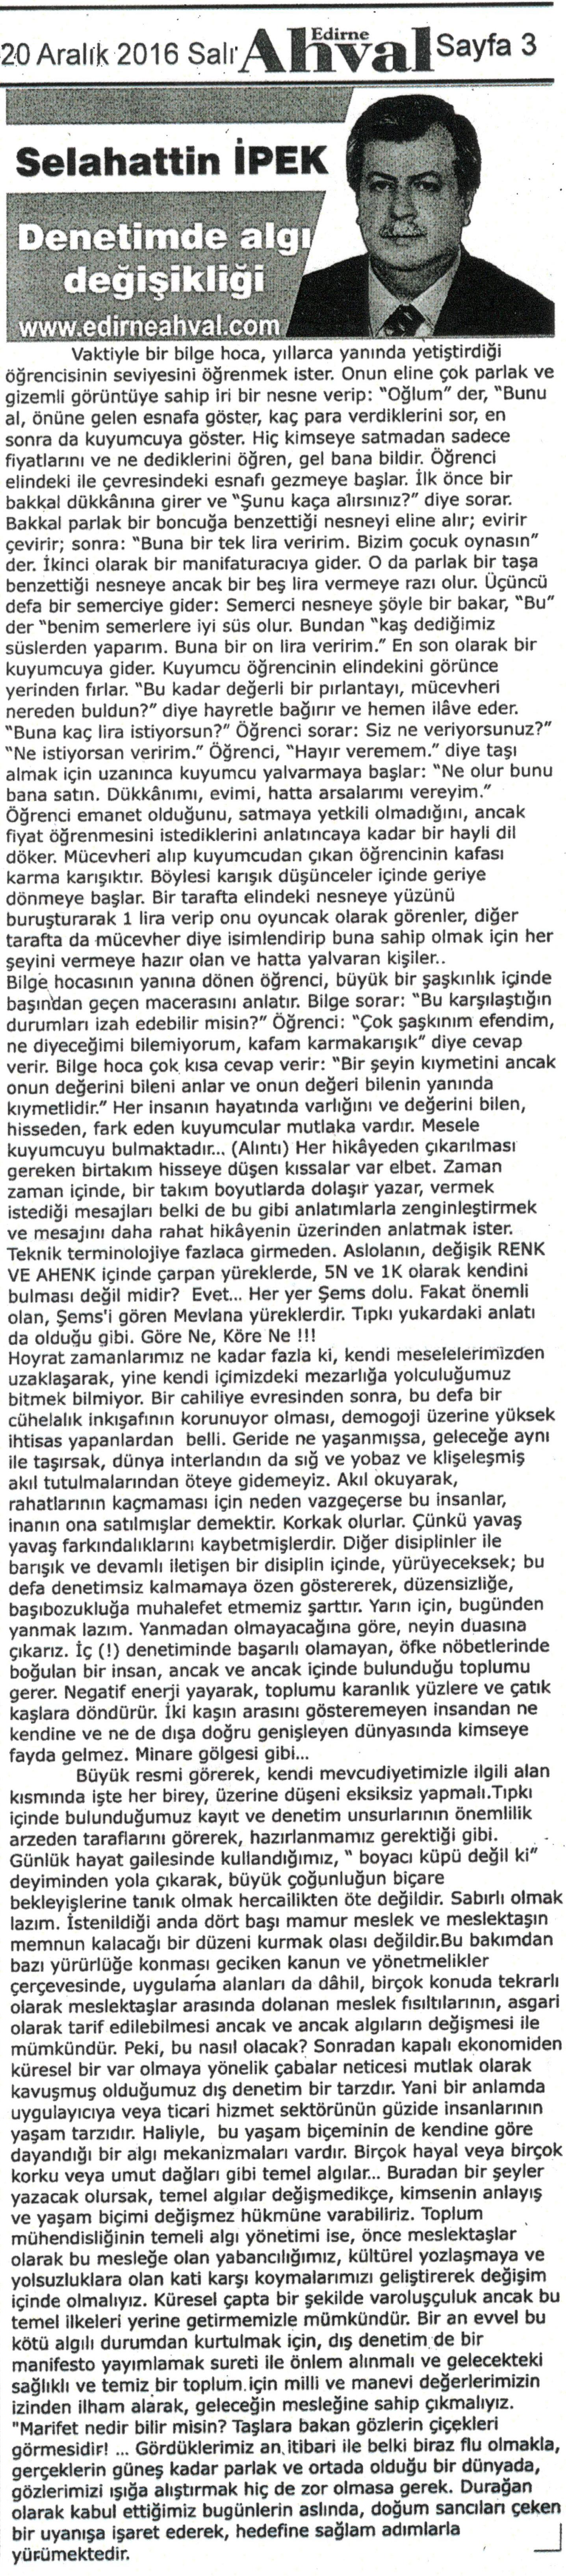 selahattin_ipek_yazisi_ahval